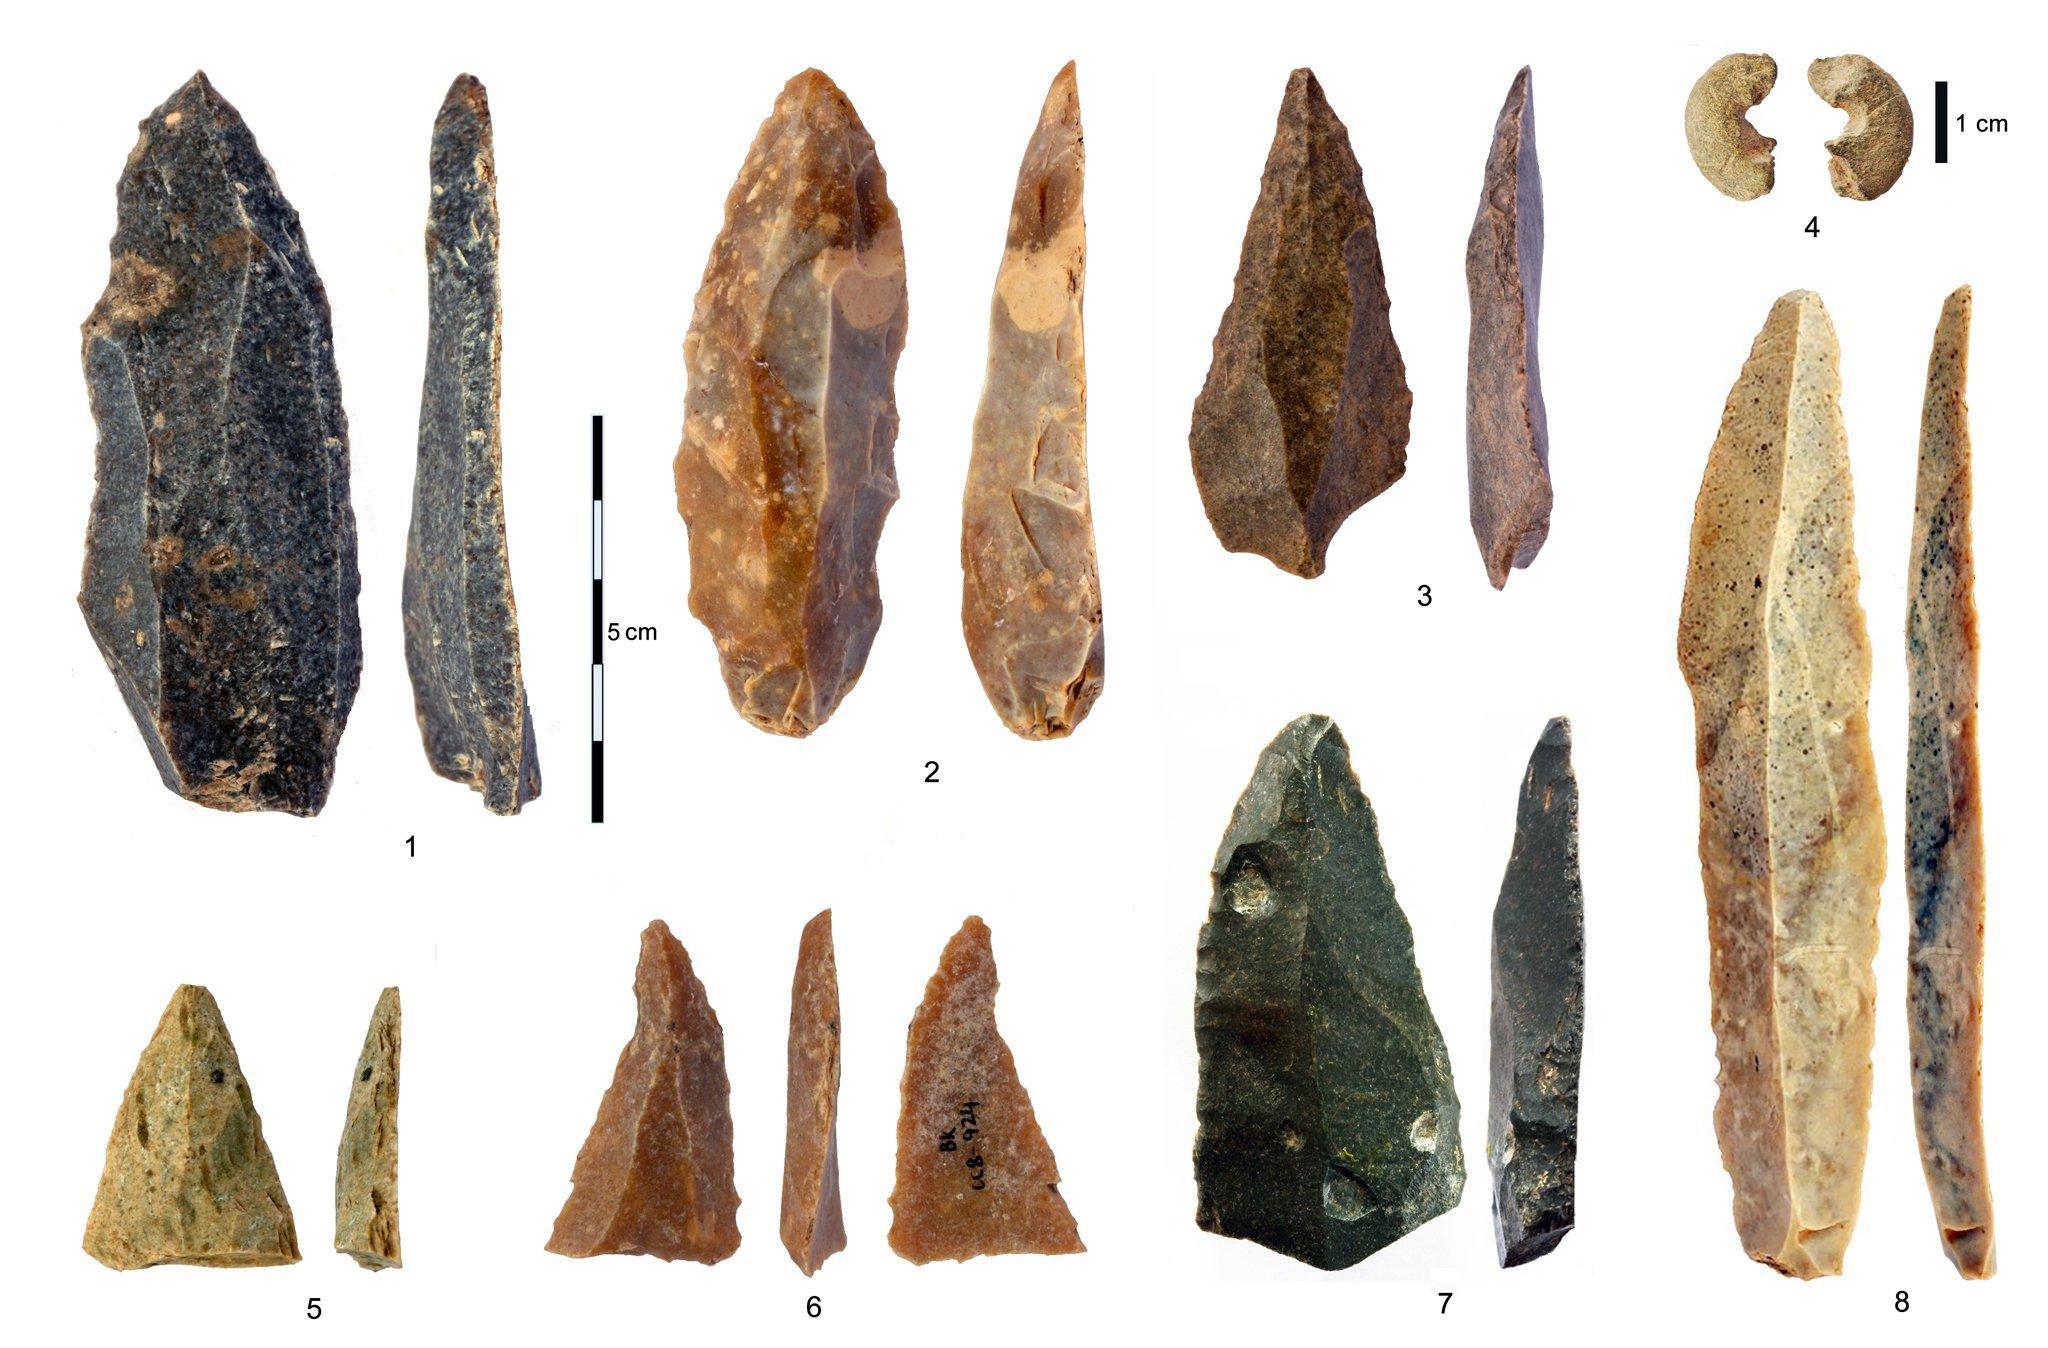 Auf hellem Hintergrund zu sehen sind verschiedene Klingen und Schaber aus Feuerstein, sowie rechts oben eine zerbrochene Perle aus Sandstein, die in der Mitte durchlocht ist. Die filigran zugeschlagenen Stein-Objekte zeigen Farbtöne von fast schwarz, über grünlich, orange, rötlich und gelb. Sie sind rund 45.000Jahre alt, stammen aus der Bacho-Kiro-Höhle in Bulgarien und wurden von den ersten modernen Menschen in Europa hergestellt.